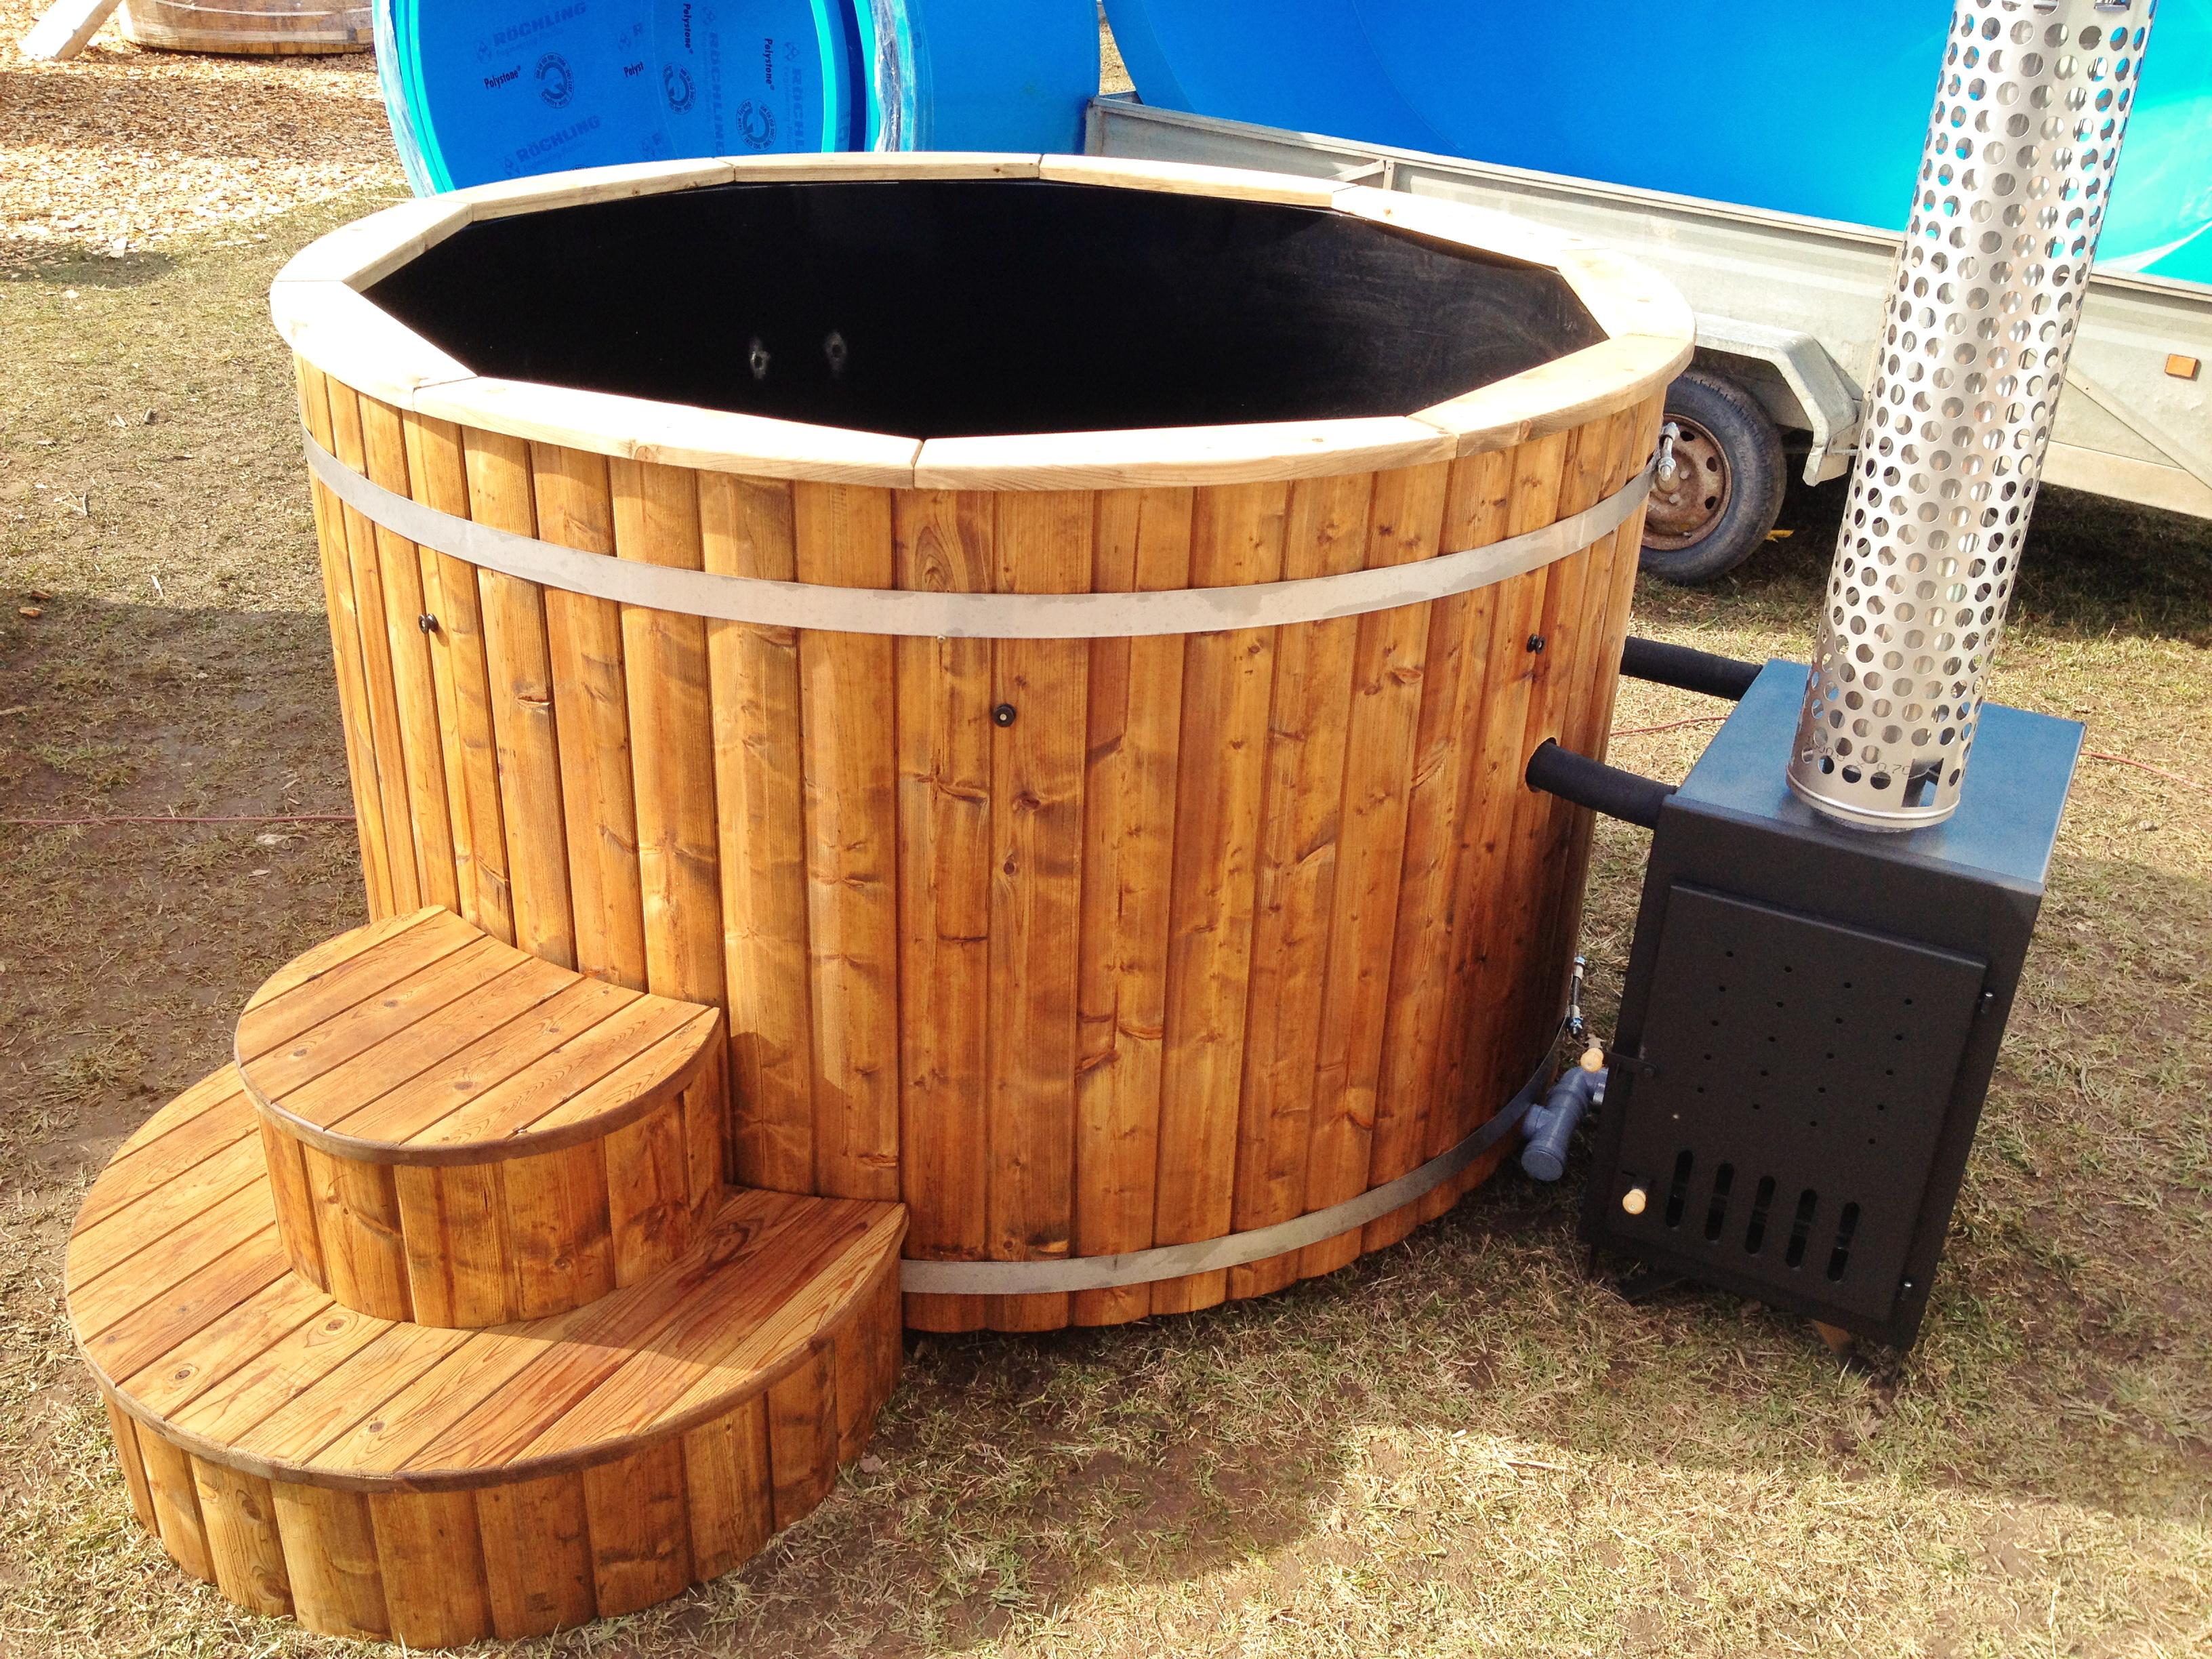 badezuber sauber halten schwimmbad und saunen. Black Bedroom Furniture Sets. Home Design Ideas